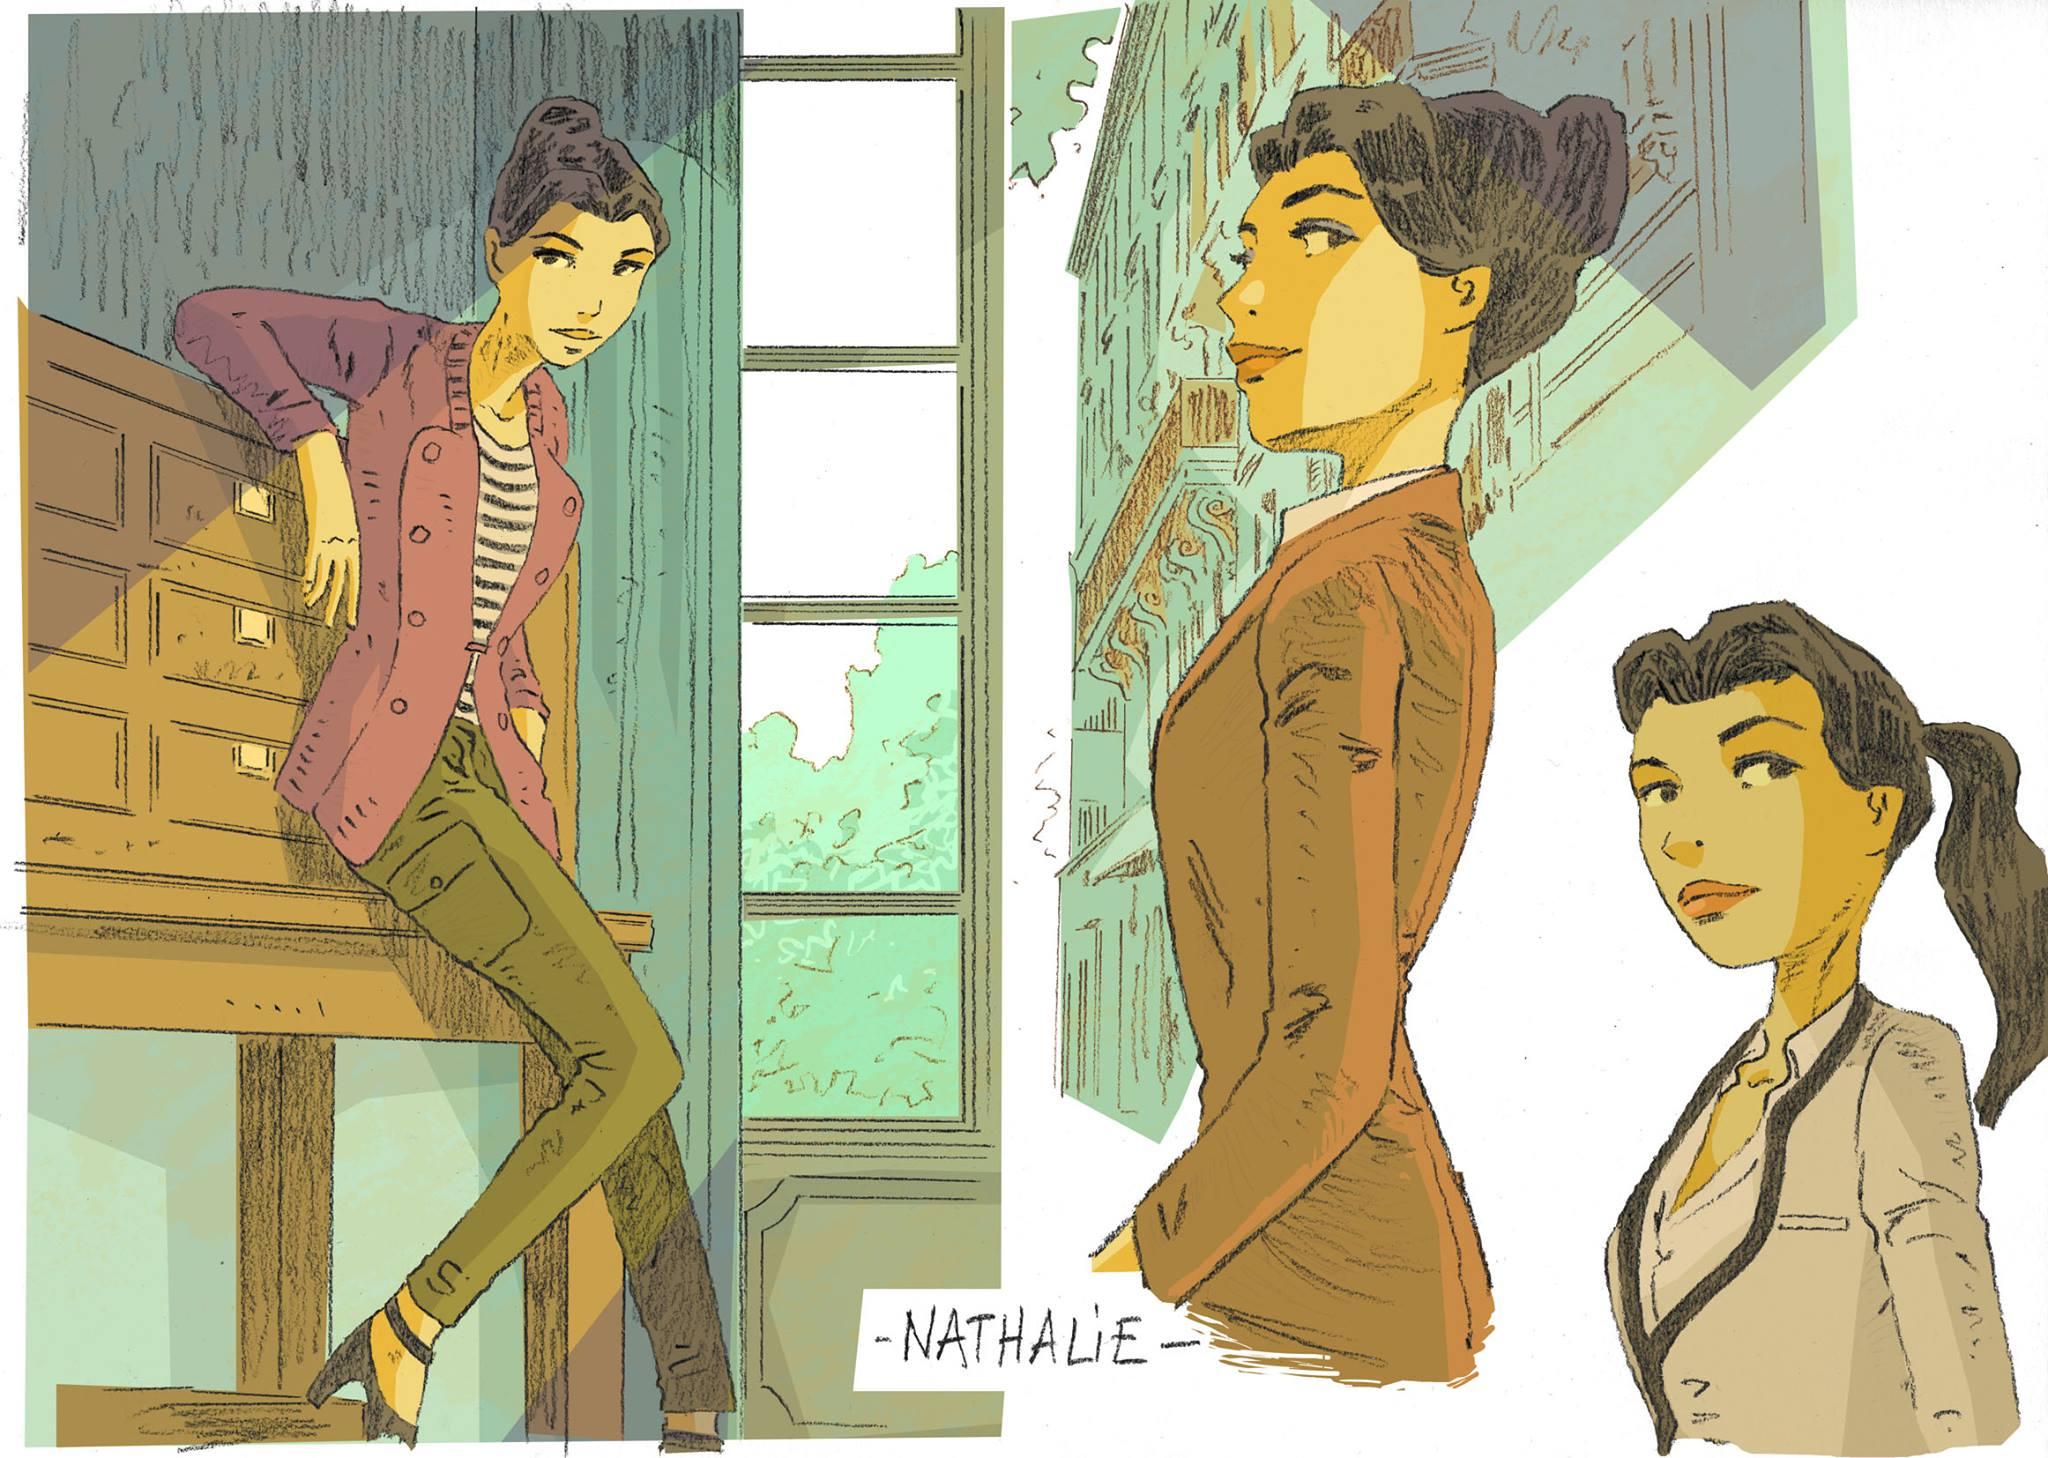 Recherches autour du personnage de Nathalie © Cyril Bonin